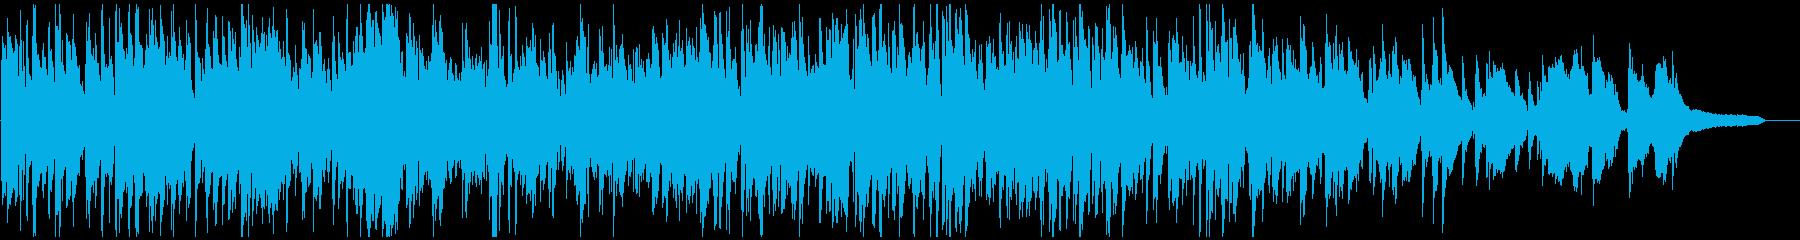 紳士的なサックスの音色が気持ち良いジャズの再生済みの波形